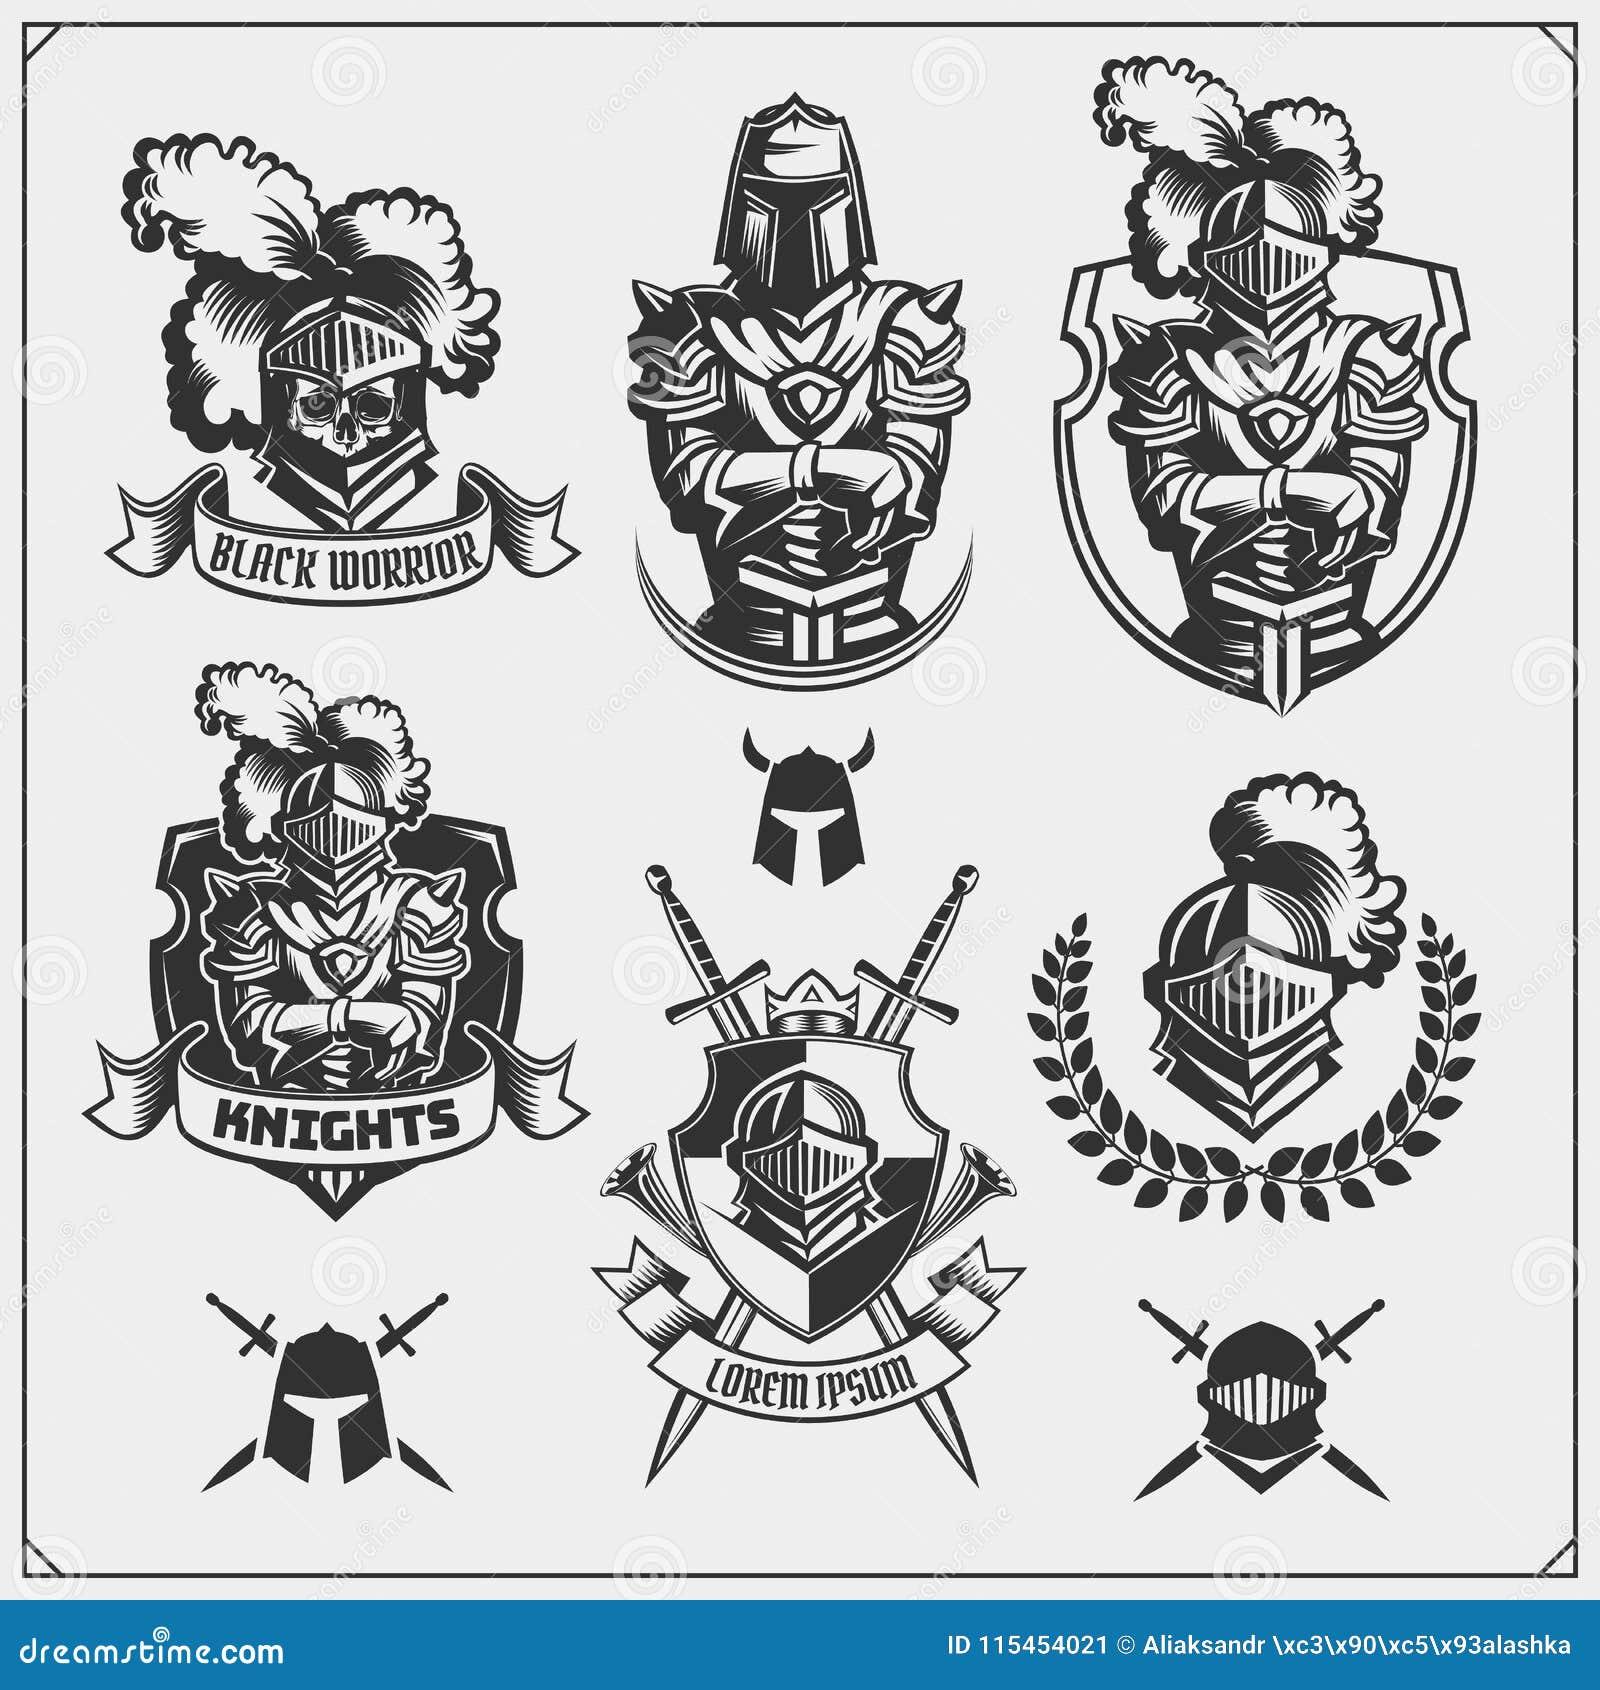 传染媒介套中世纪战士骑士象征、商标、标签、徽章象征、标志和设计元素